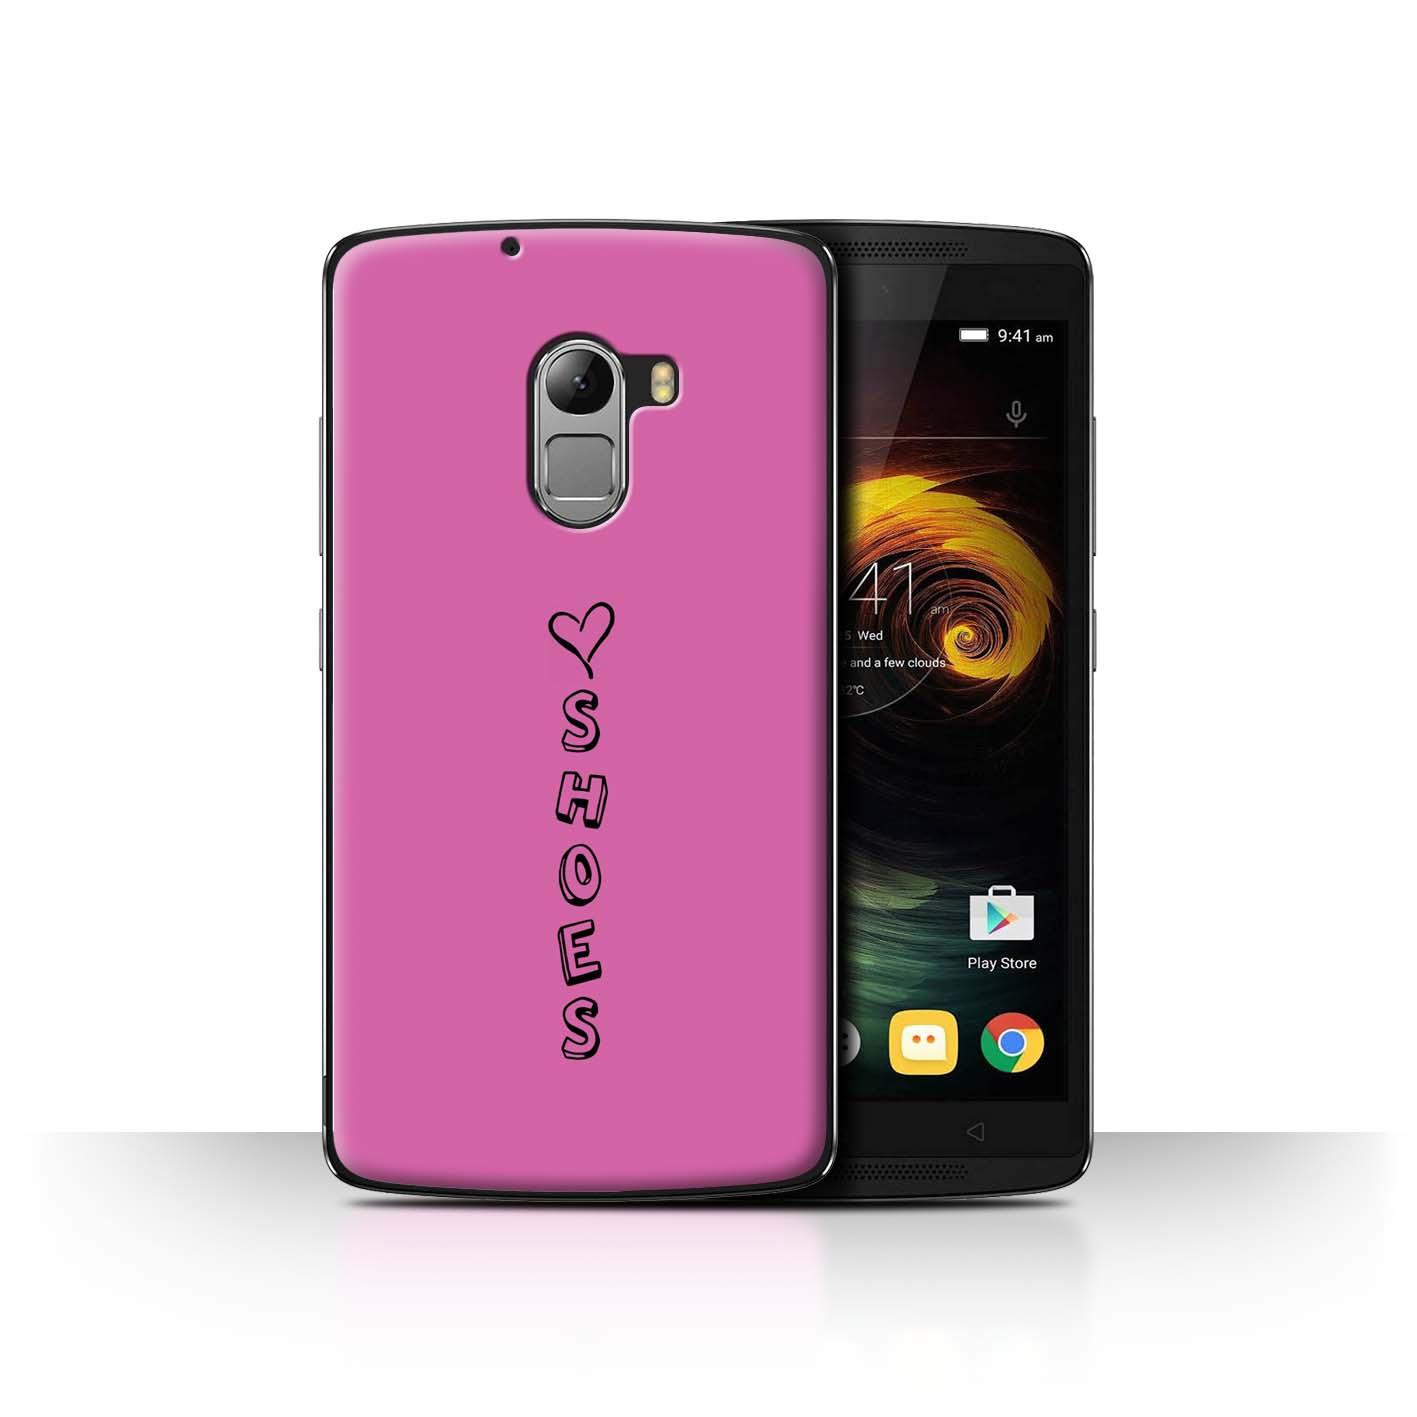 Stuff 4 teléfono caso/cubierta trasera para Lenovo Vibe K4 nota/Corazón Xoxo